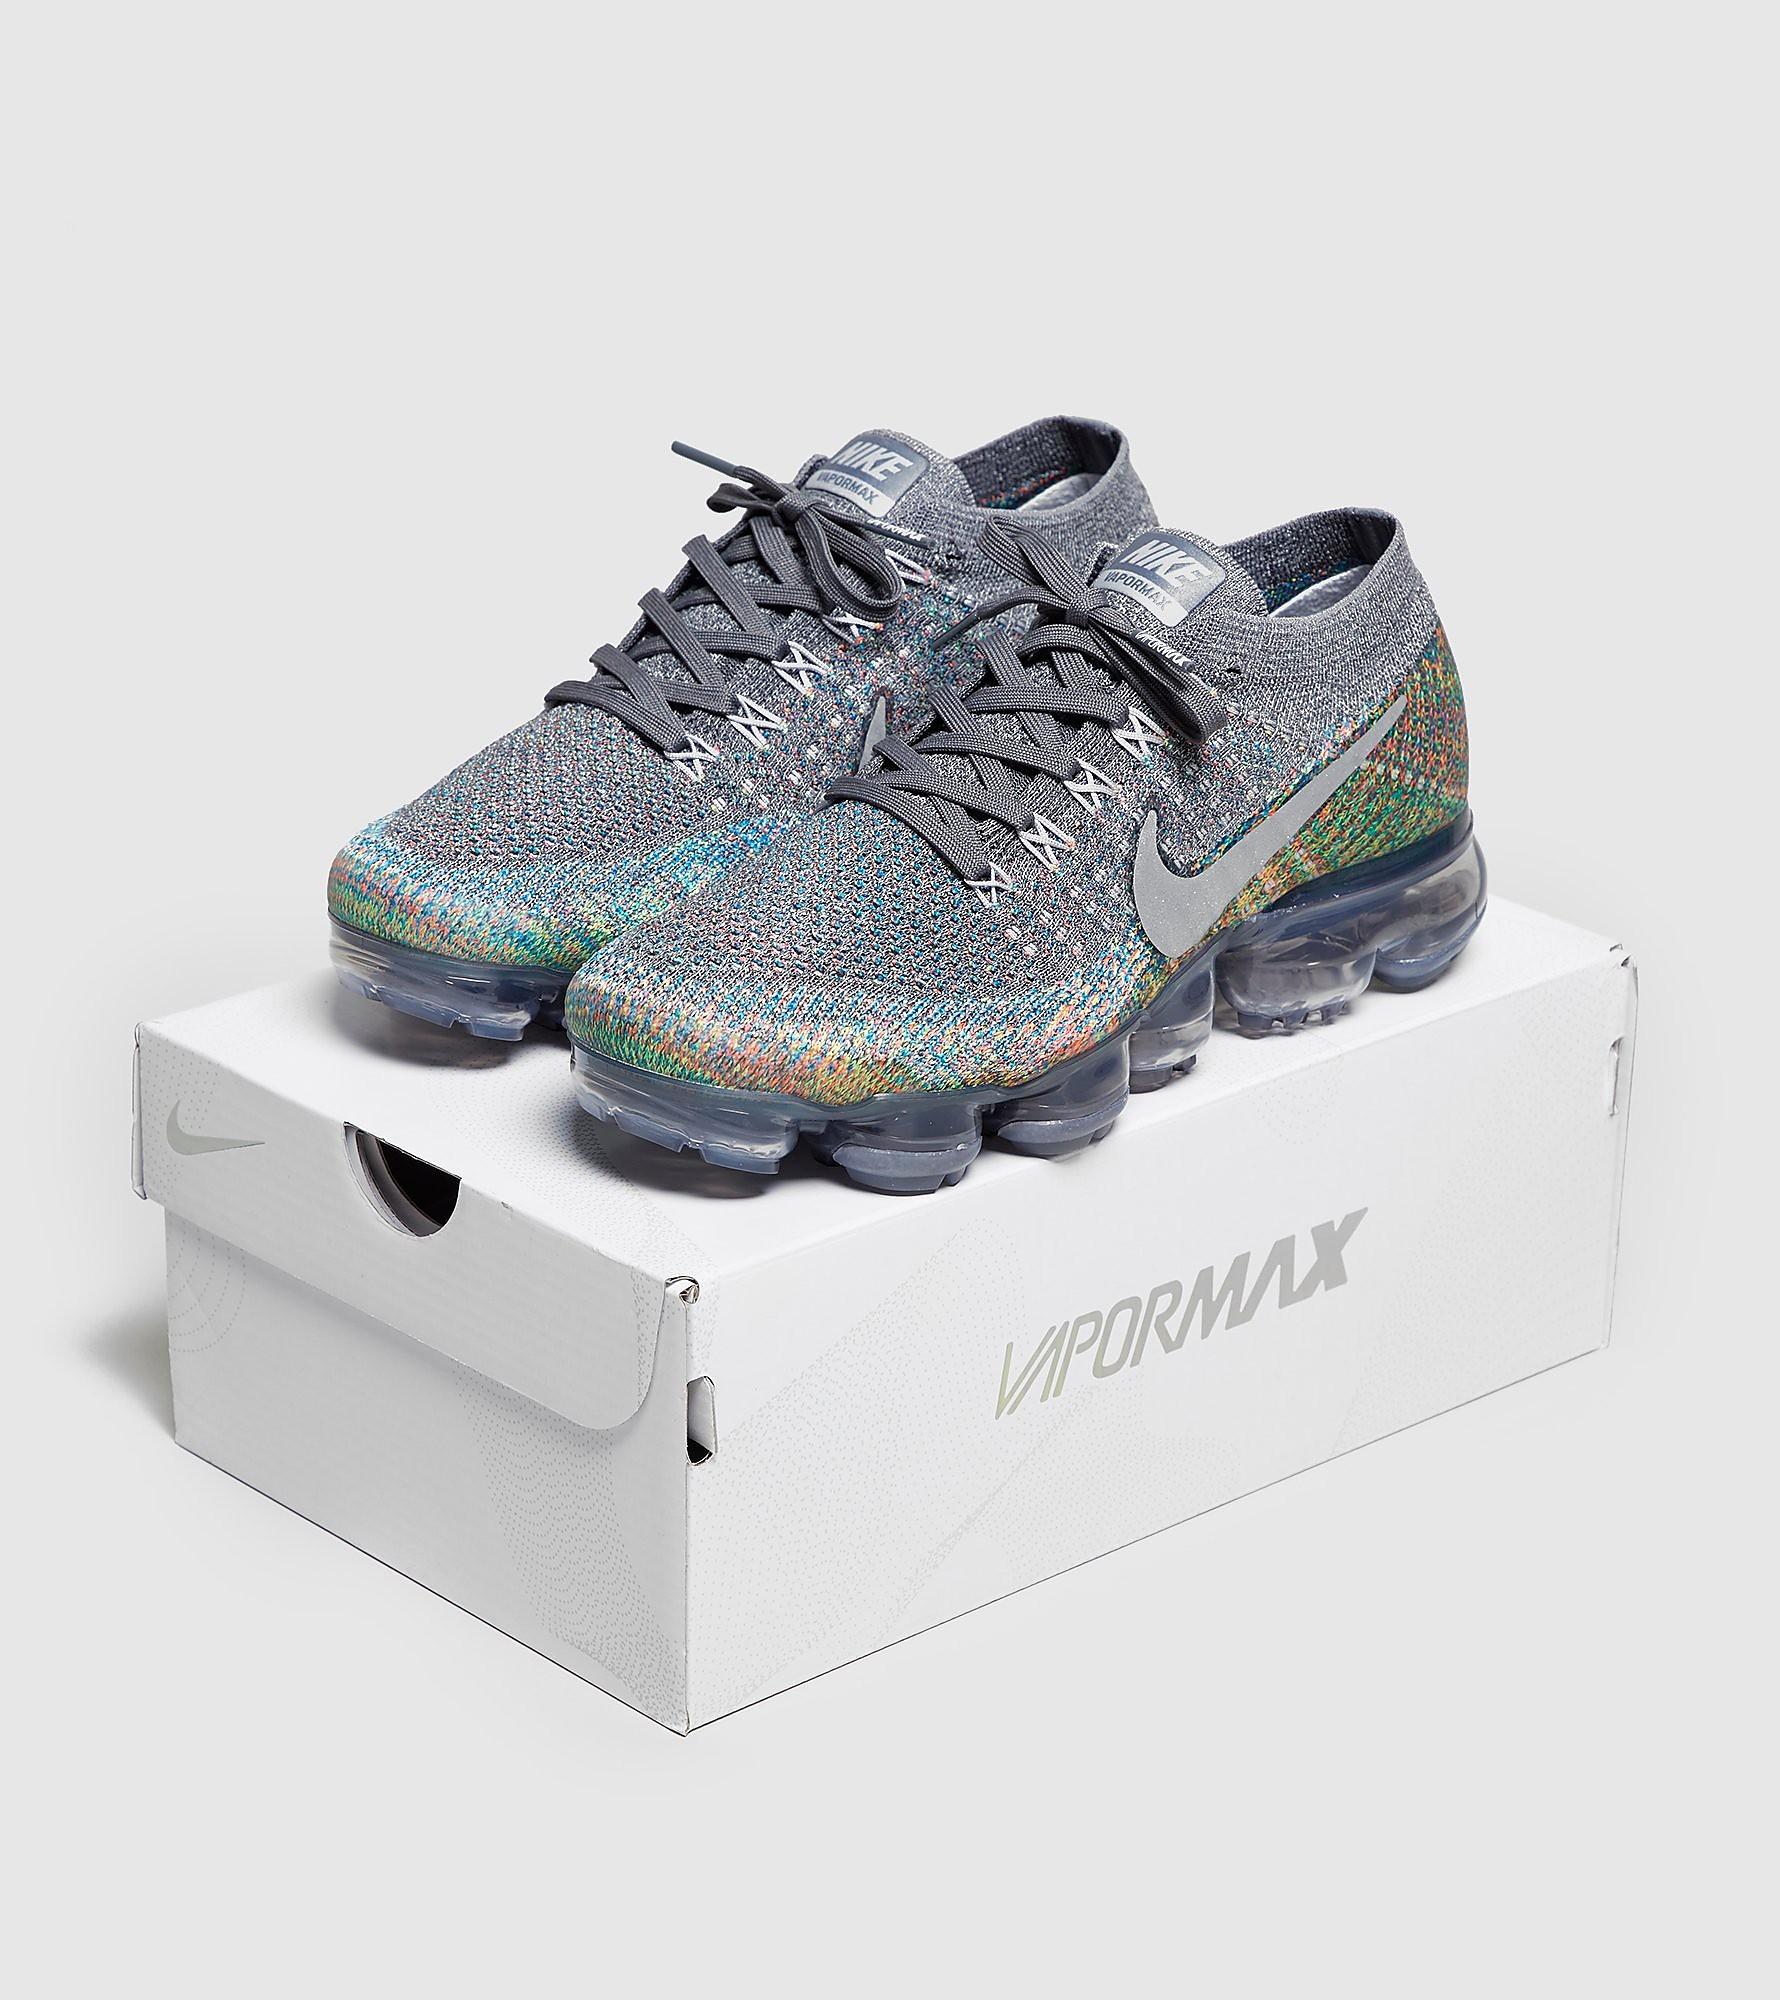 Nike VaporMax Flyknit Women's